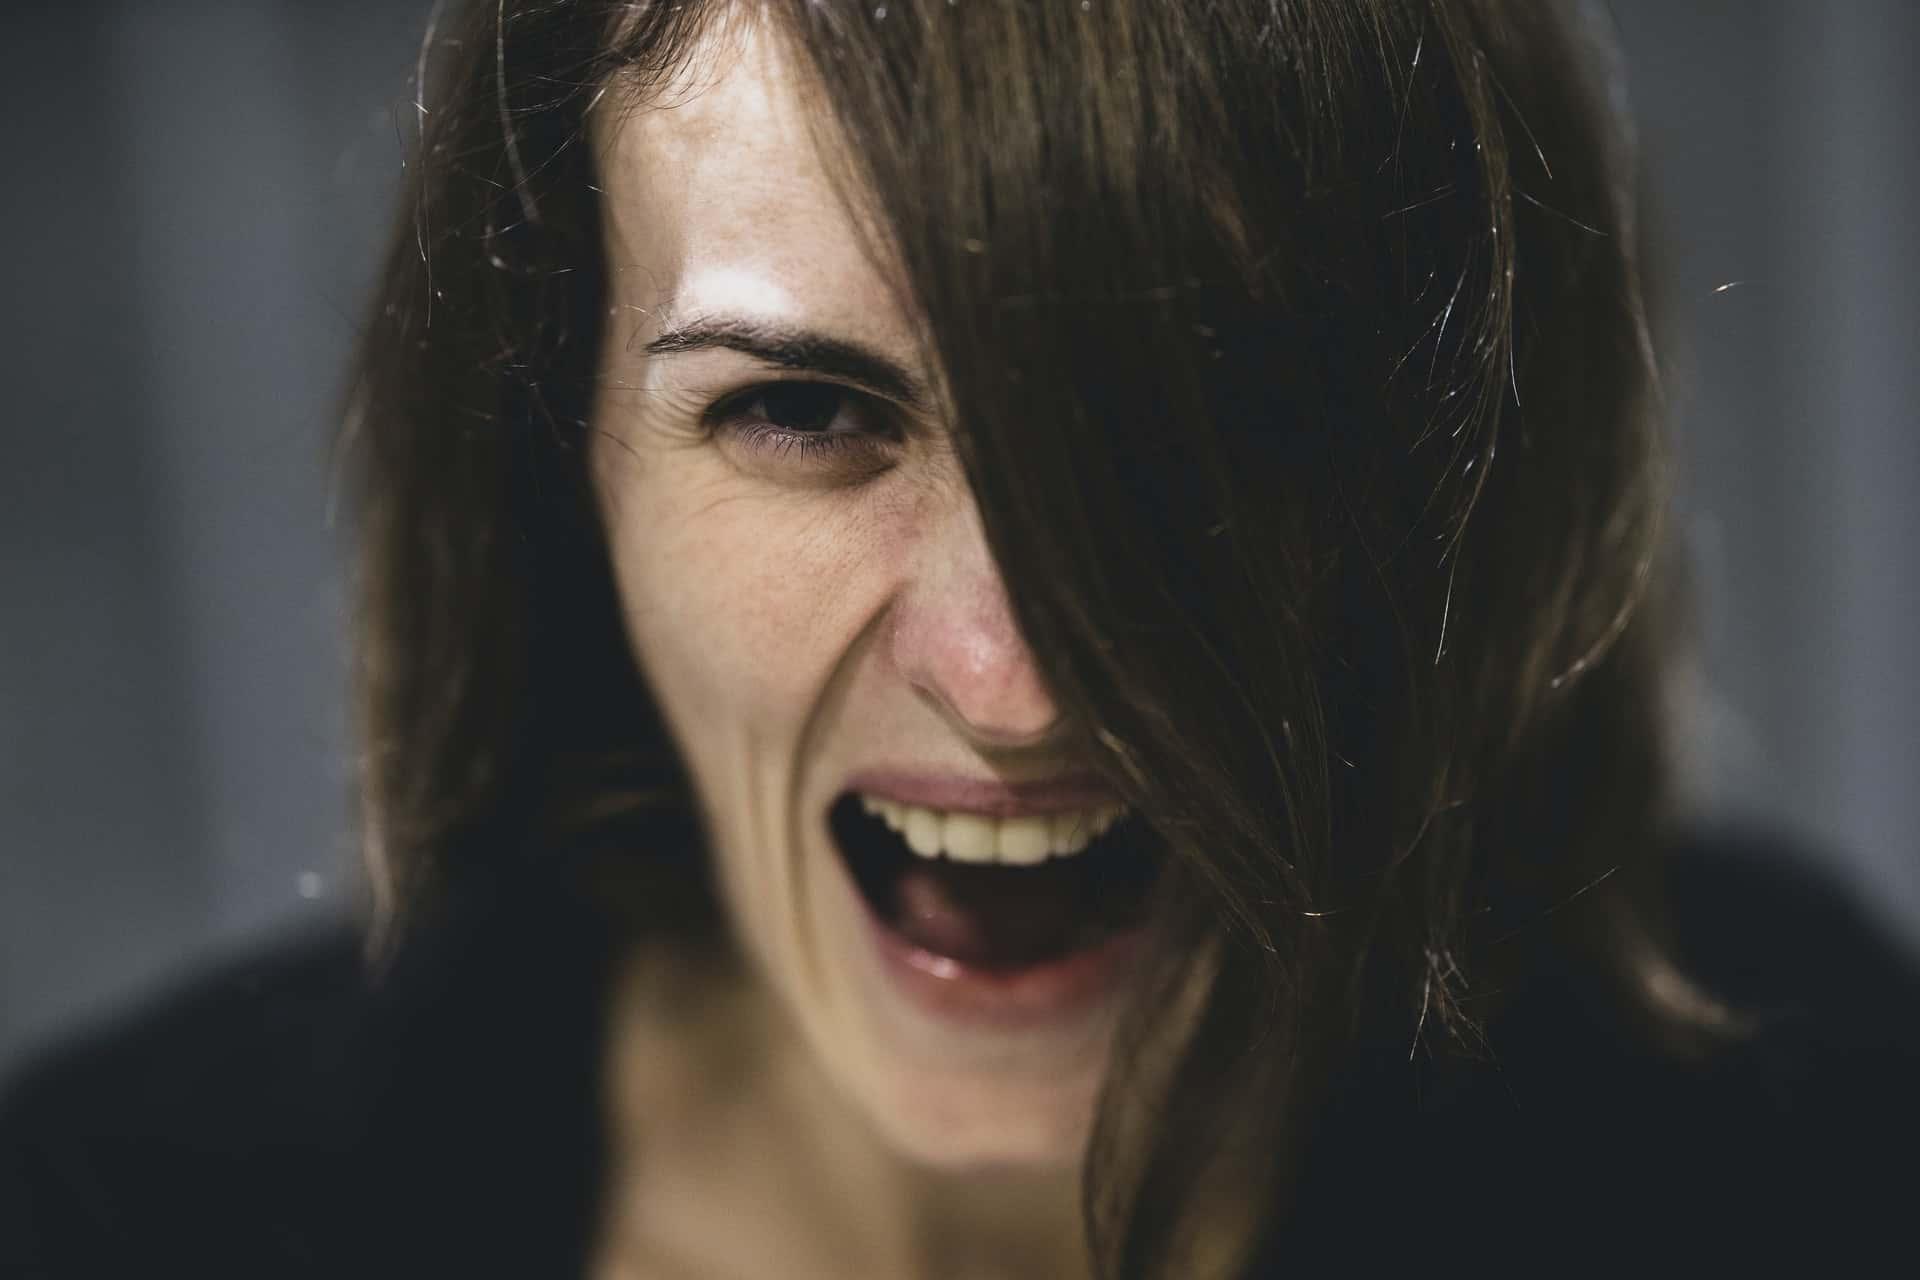 Adult temper tantrum